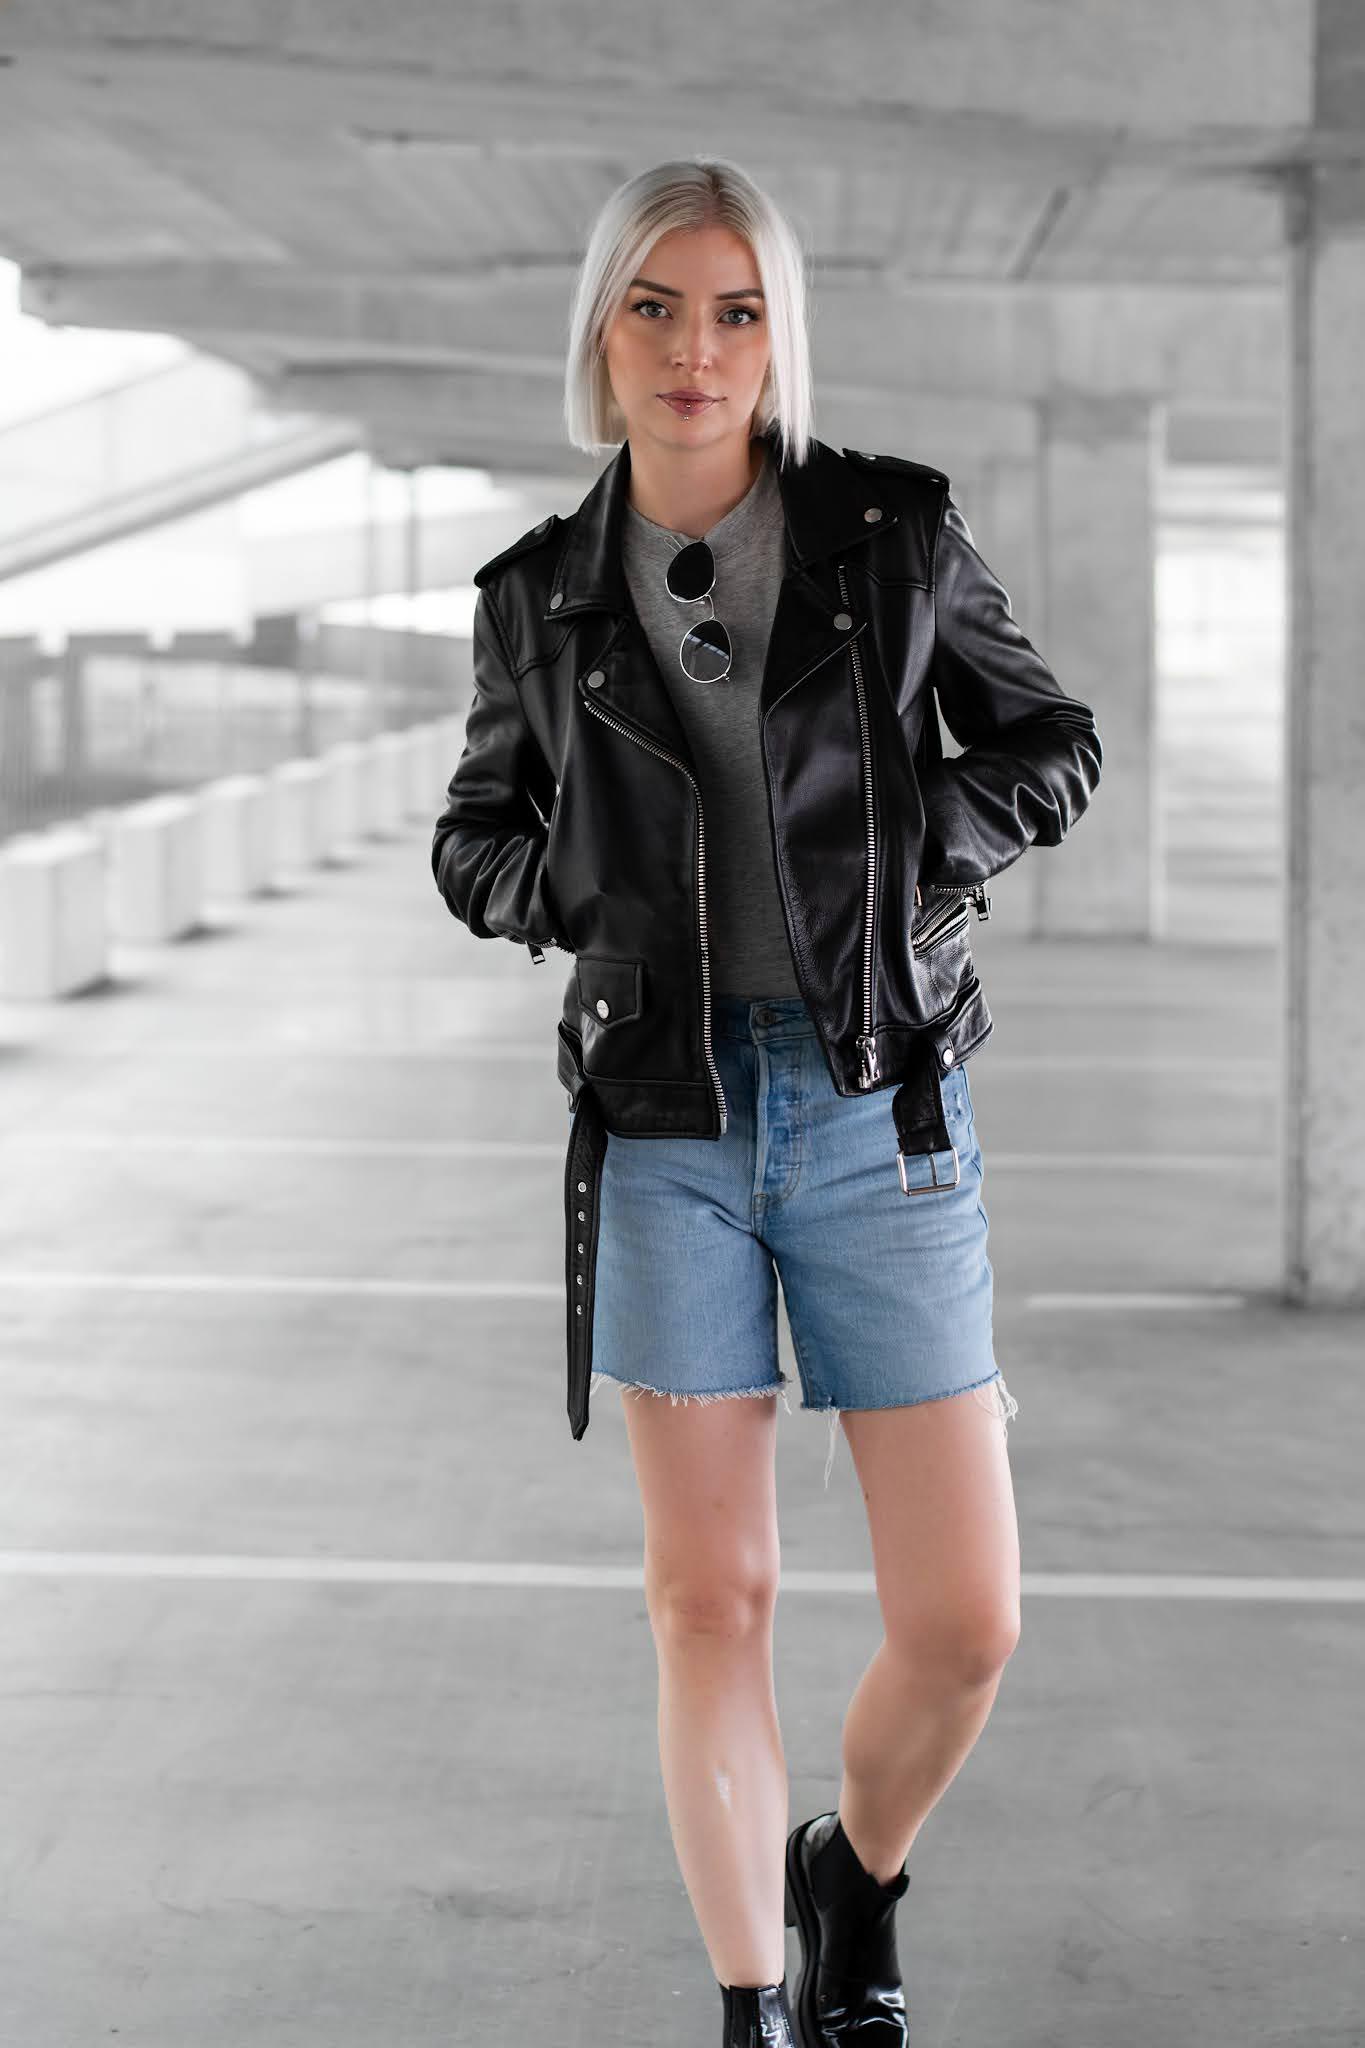 Sacha shoes, black boots, patent boots, lakleer, enkellaarsjes, enkellaarzen, leren jas, zara, levi's short